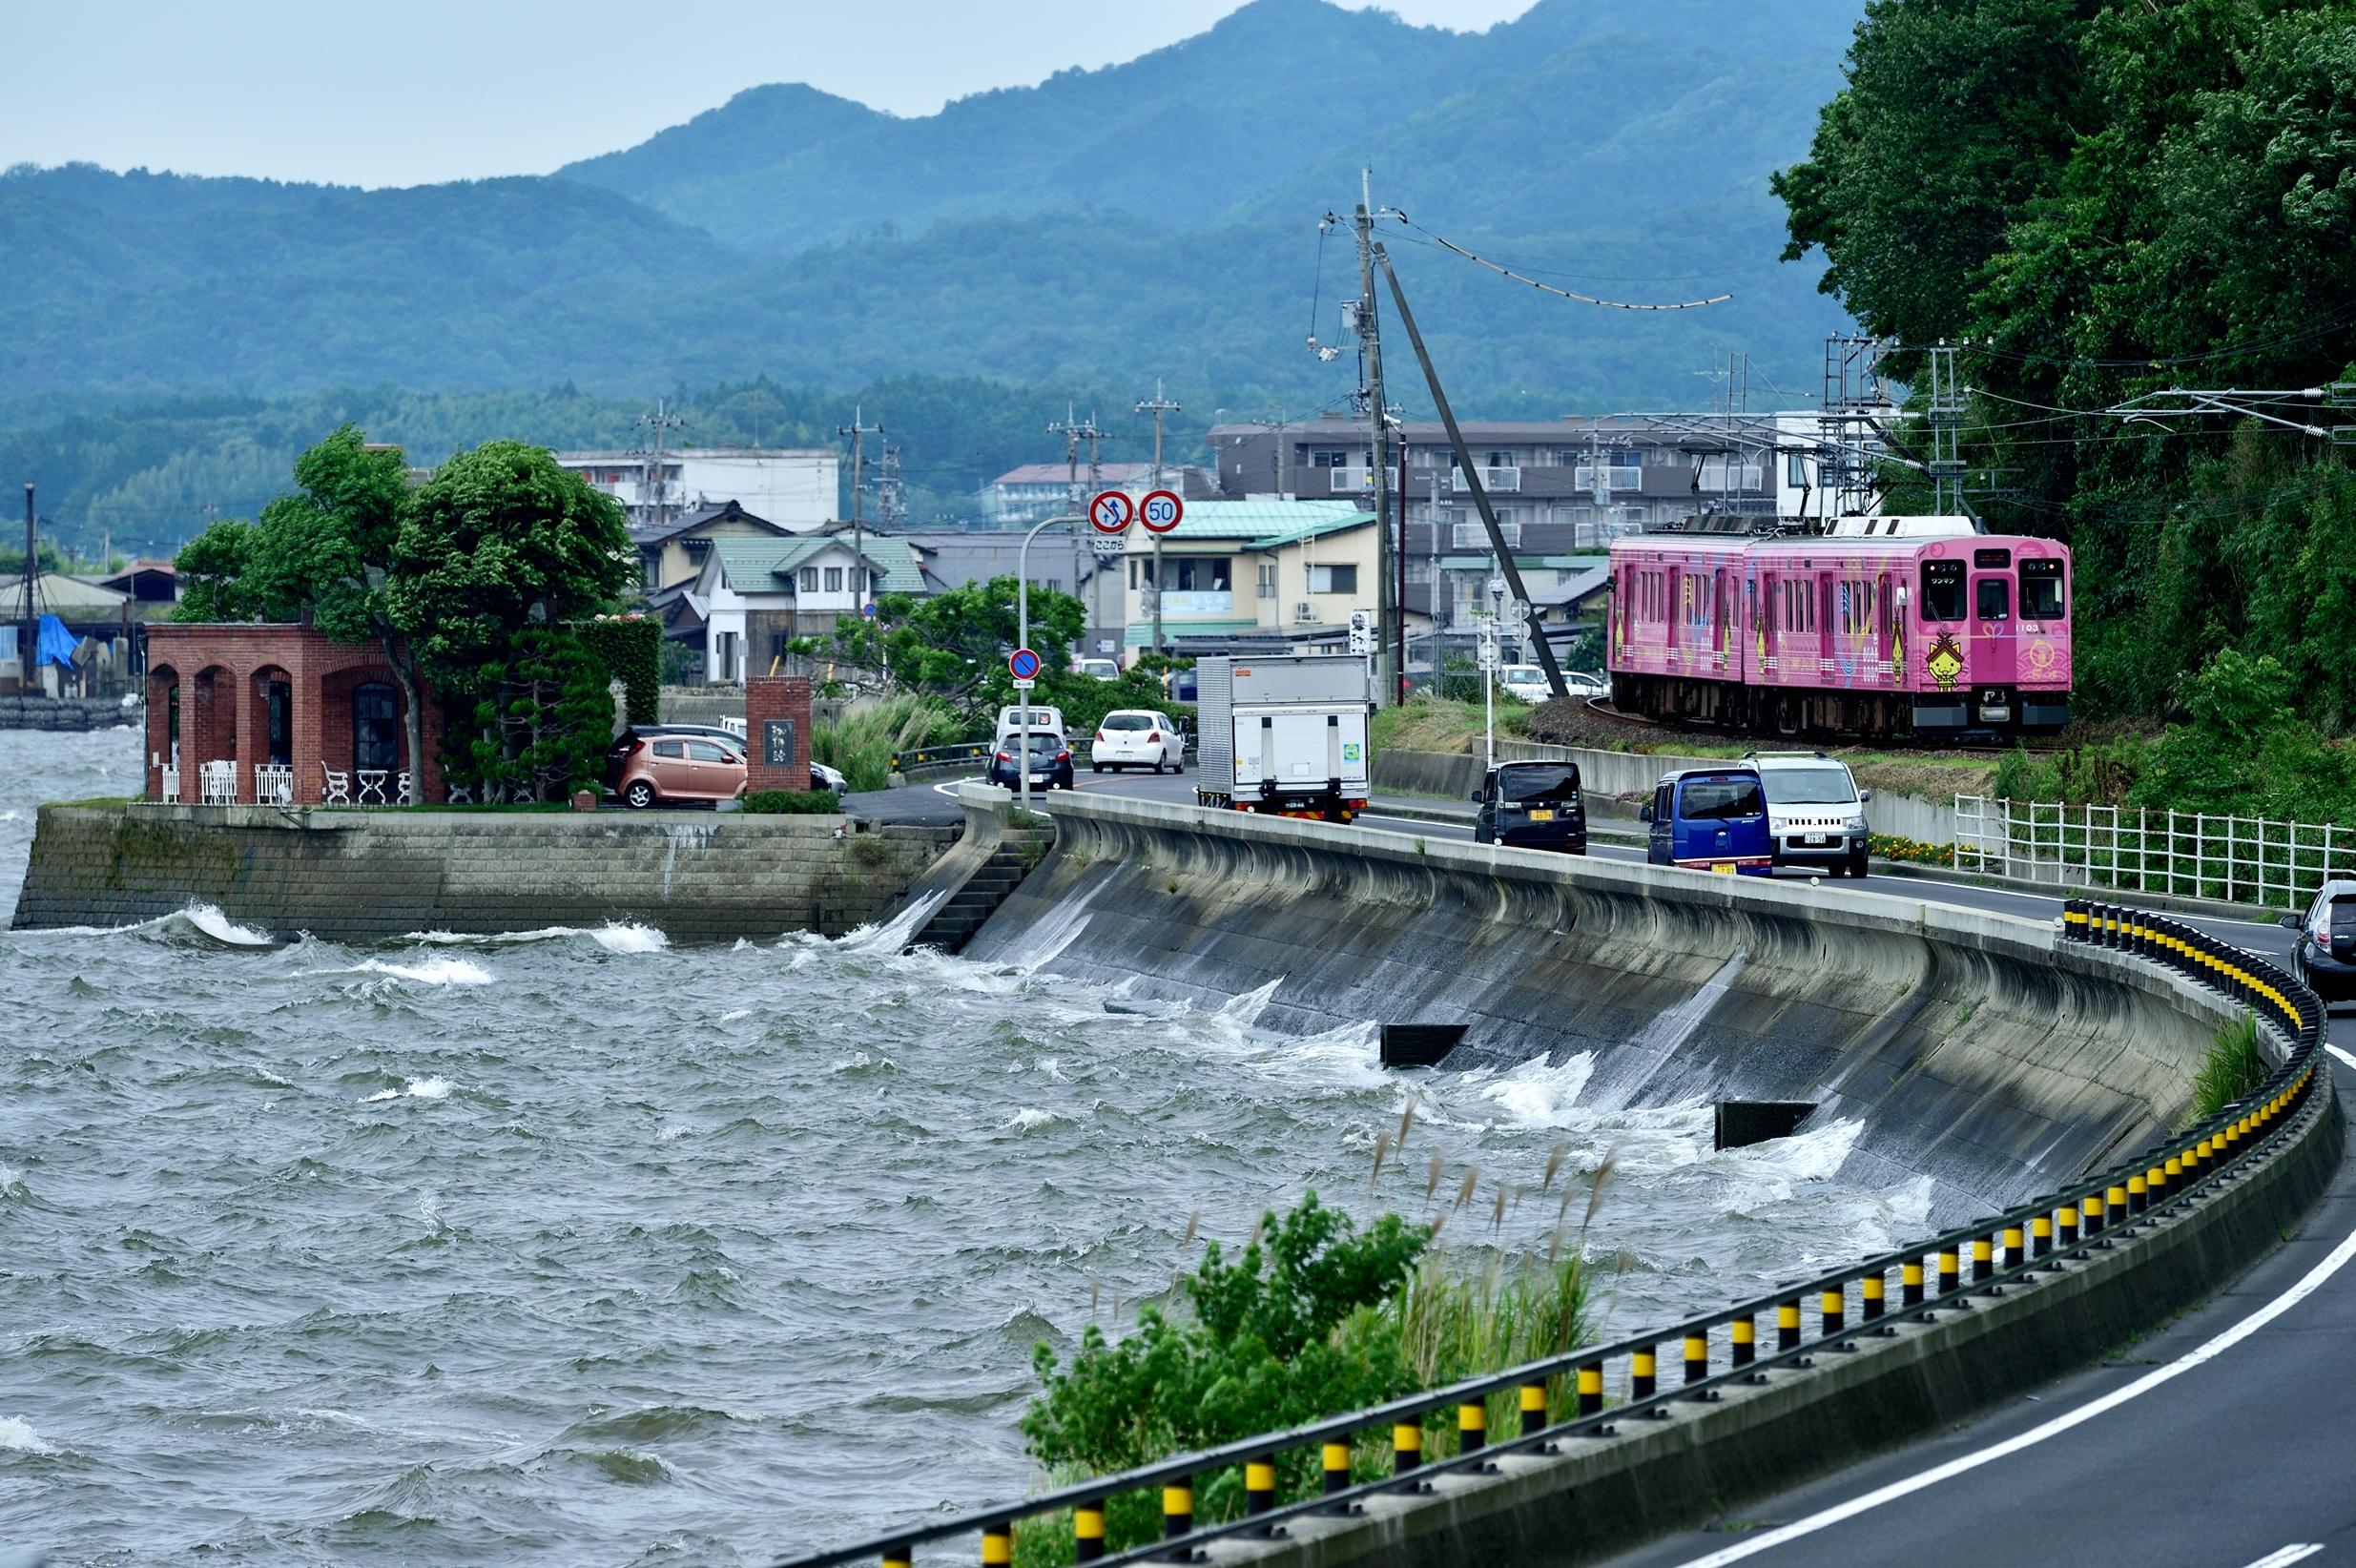 荒ぶる宍道湖と一畑電車